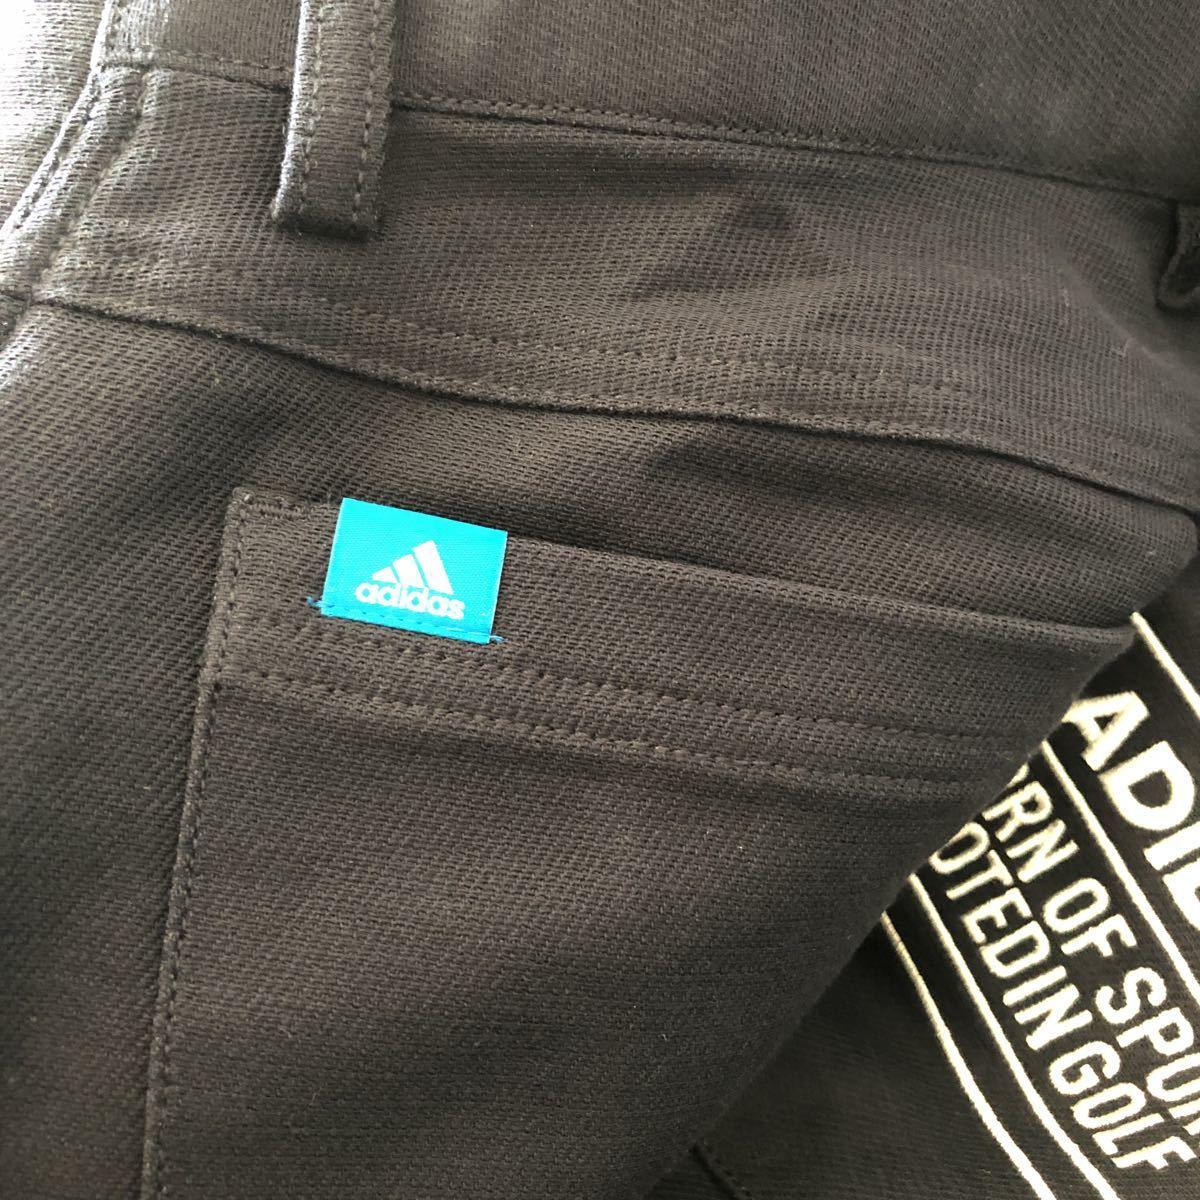 未使用品 アディダス adidas ゴルフウェア スラックス パンツ ストレッチ ネイビー 85_画像6